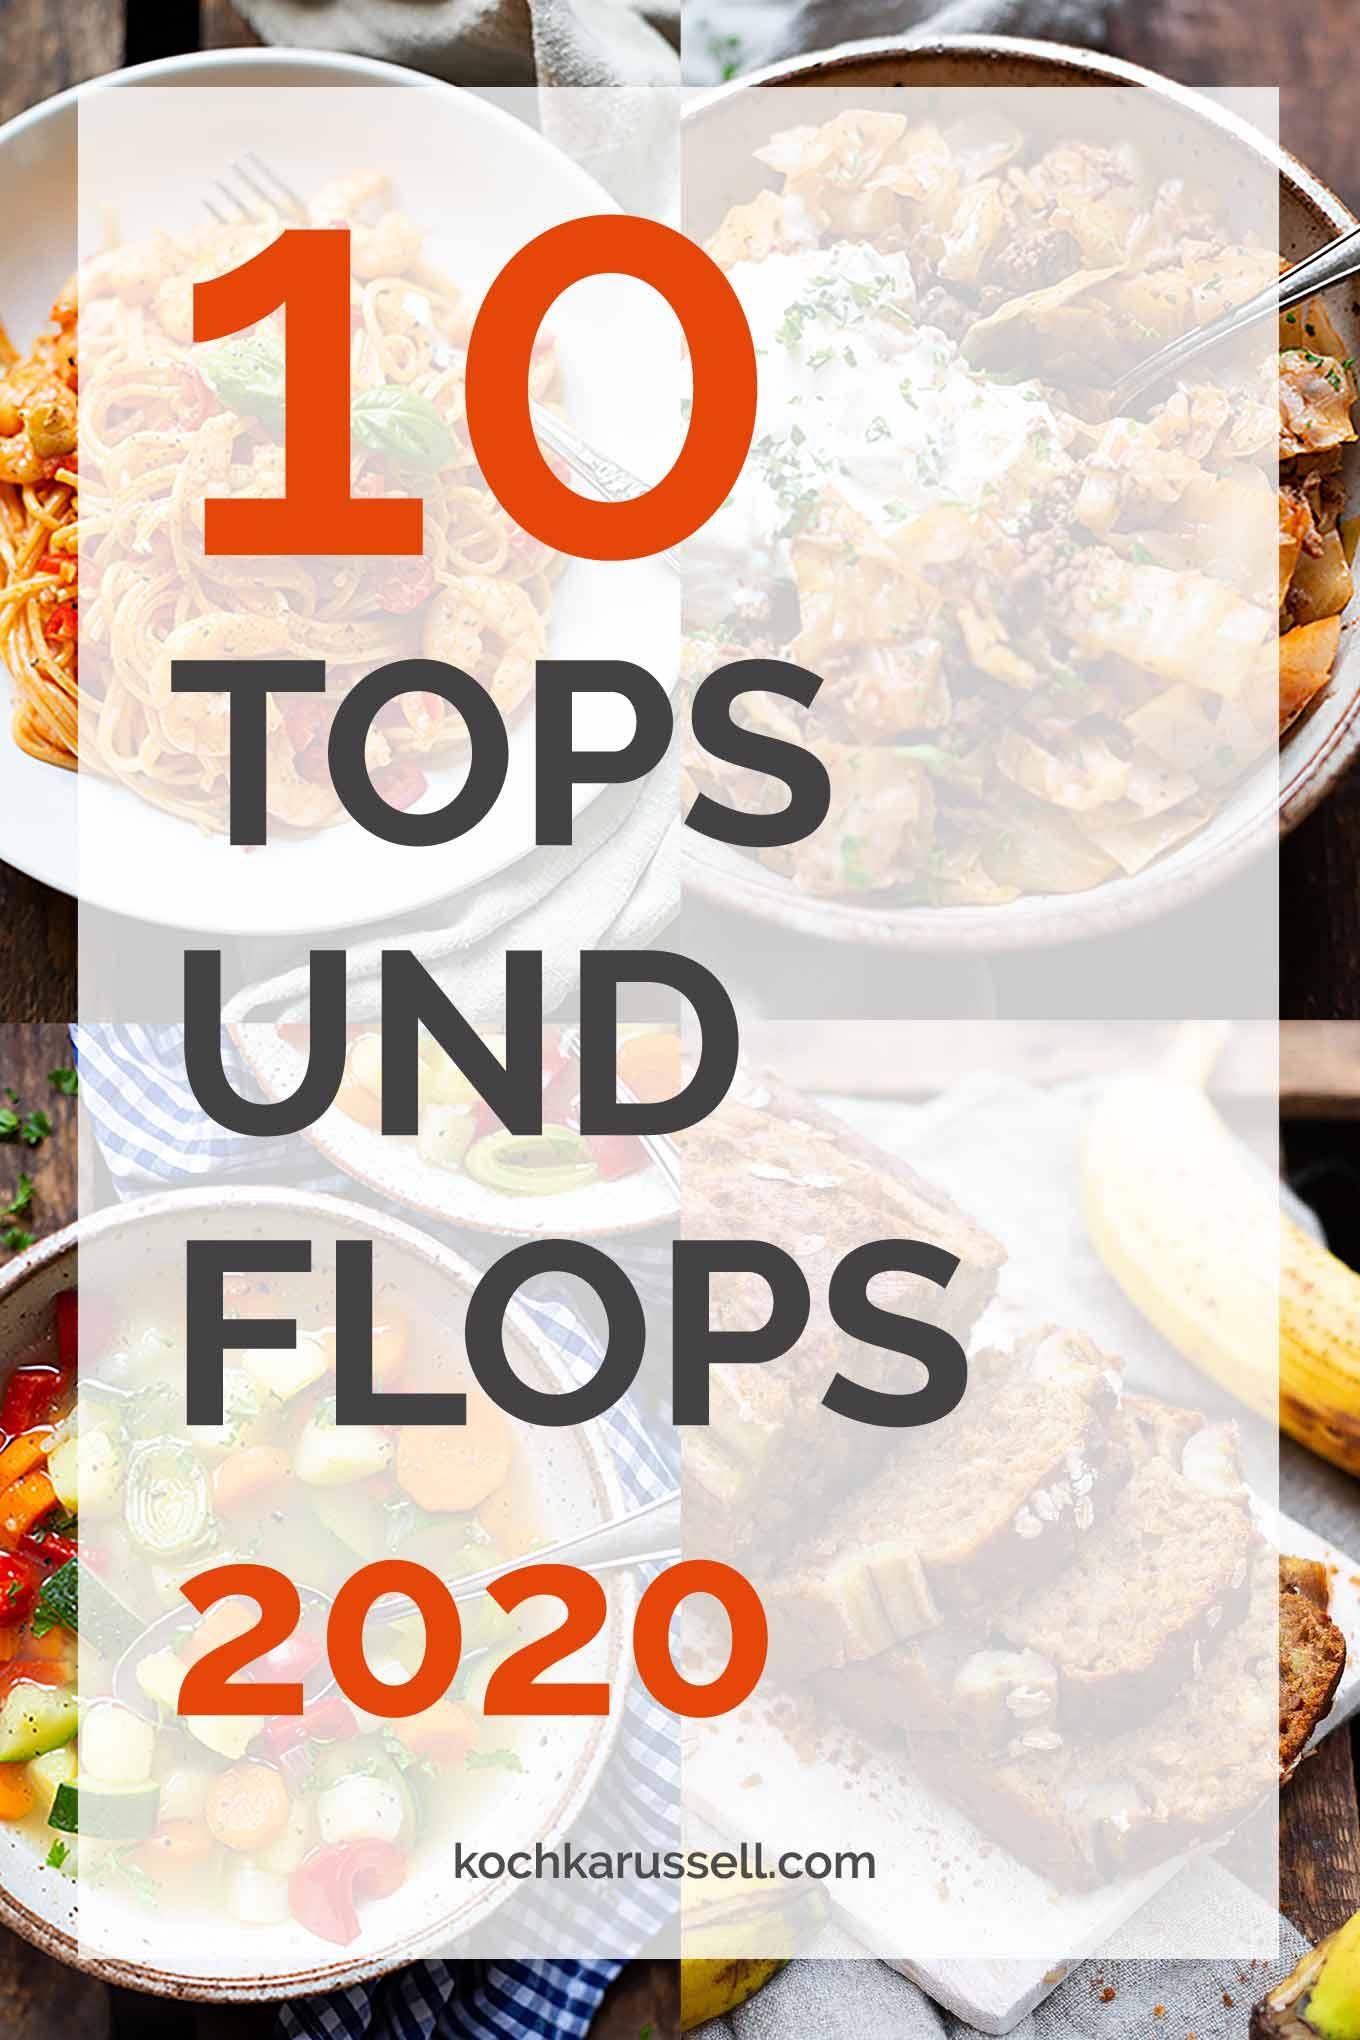 Kochkarussell Jahresrückblick 2020 - Die 10 Top- und Flop-Rezepte in diesem Jahr Kochkarussell Foodblog #jahresrückblick #kochkarussell #foodblog